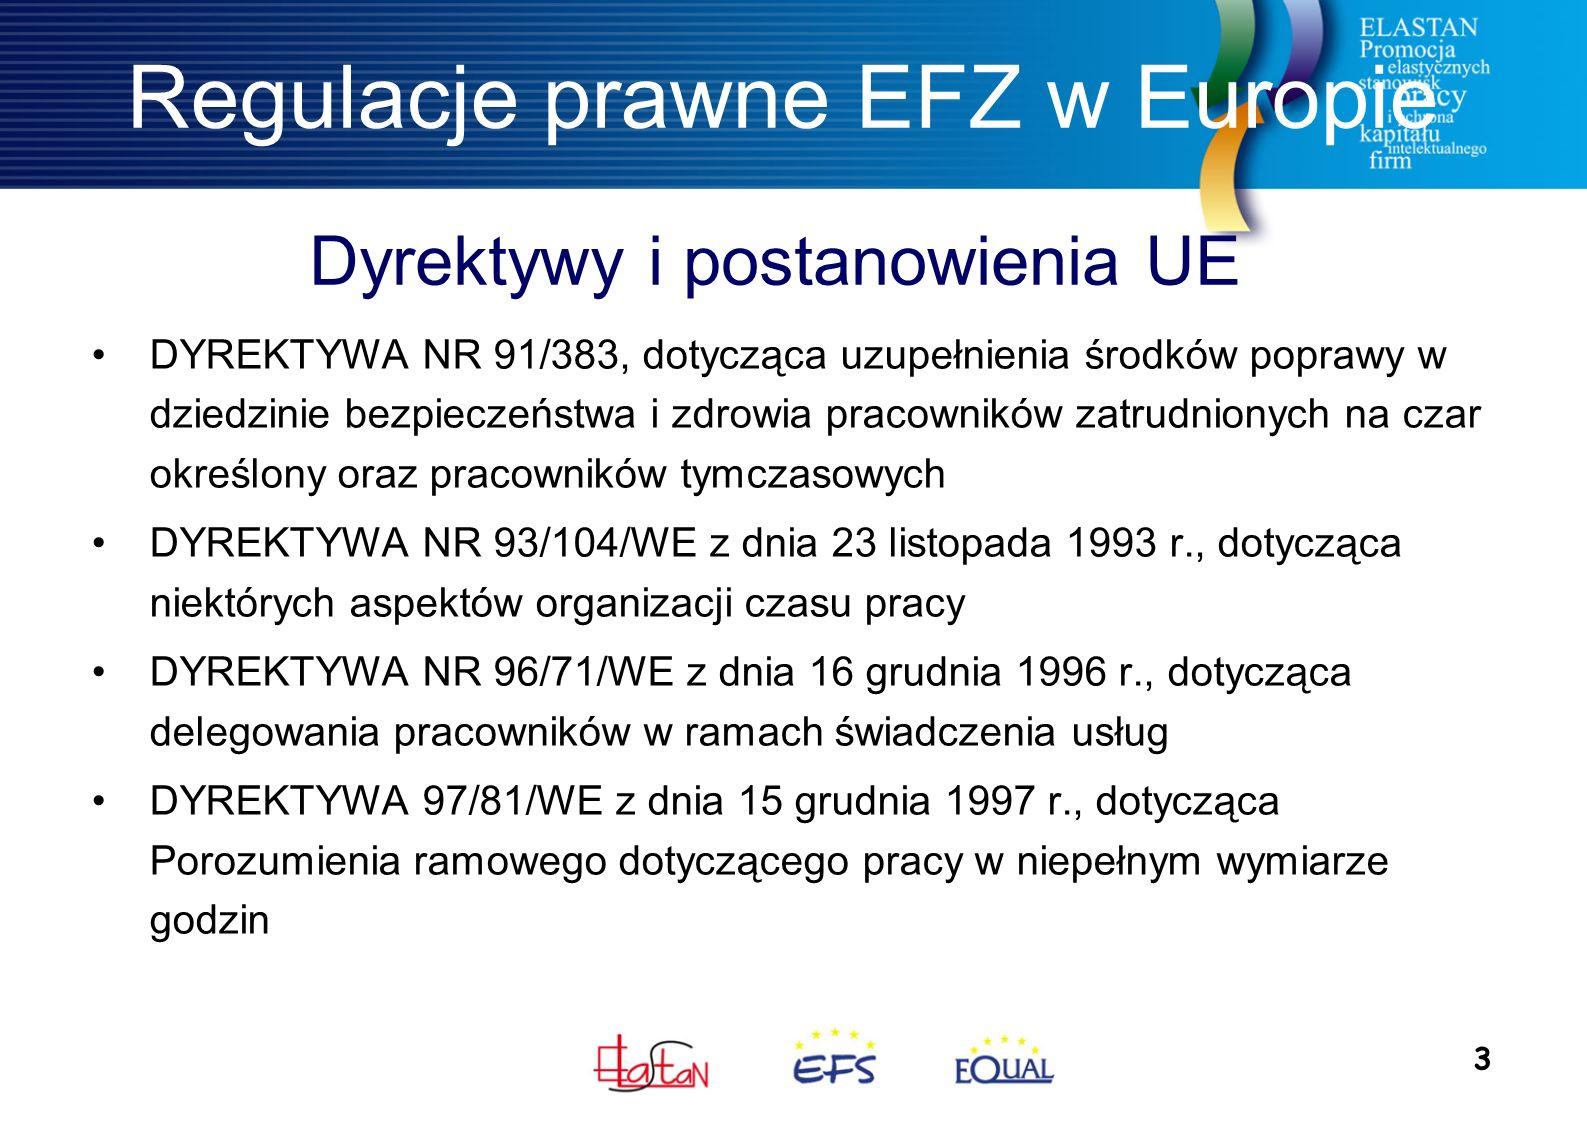 3 Dyrektywy i postanowienia UE Regulacje prawne EFZ w Europie DYREKTYWA NR 91/383, dotycząca uzupełnienia środków poprawy w dziedzinie bezpieczeństwa i zdrowia pracowników zatrudnionych na czar określony oraz pracowników tymczasowych DYREKTYWA NR 93/104/WE z dnia 23 listopada 1993 r., dotycząca niektórych aspektów organizacji czasu pracy DYREKTYWA NR 96/71/WE z dnia 16 grudnia 1996 r., dotycząca delegowania pracowników w ramach świadczenia usług DYREKTYWA 97/81/WE z dnia 15 grudnia 1997 r., dotycząca Porozumienia ramowego dotyczącego pracy w niepełnym wymiarze godzin